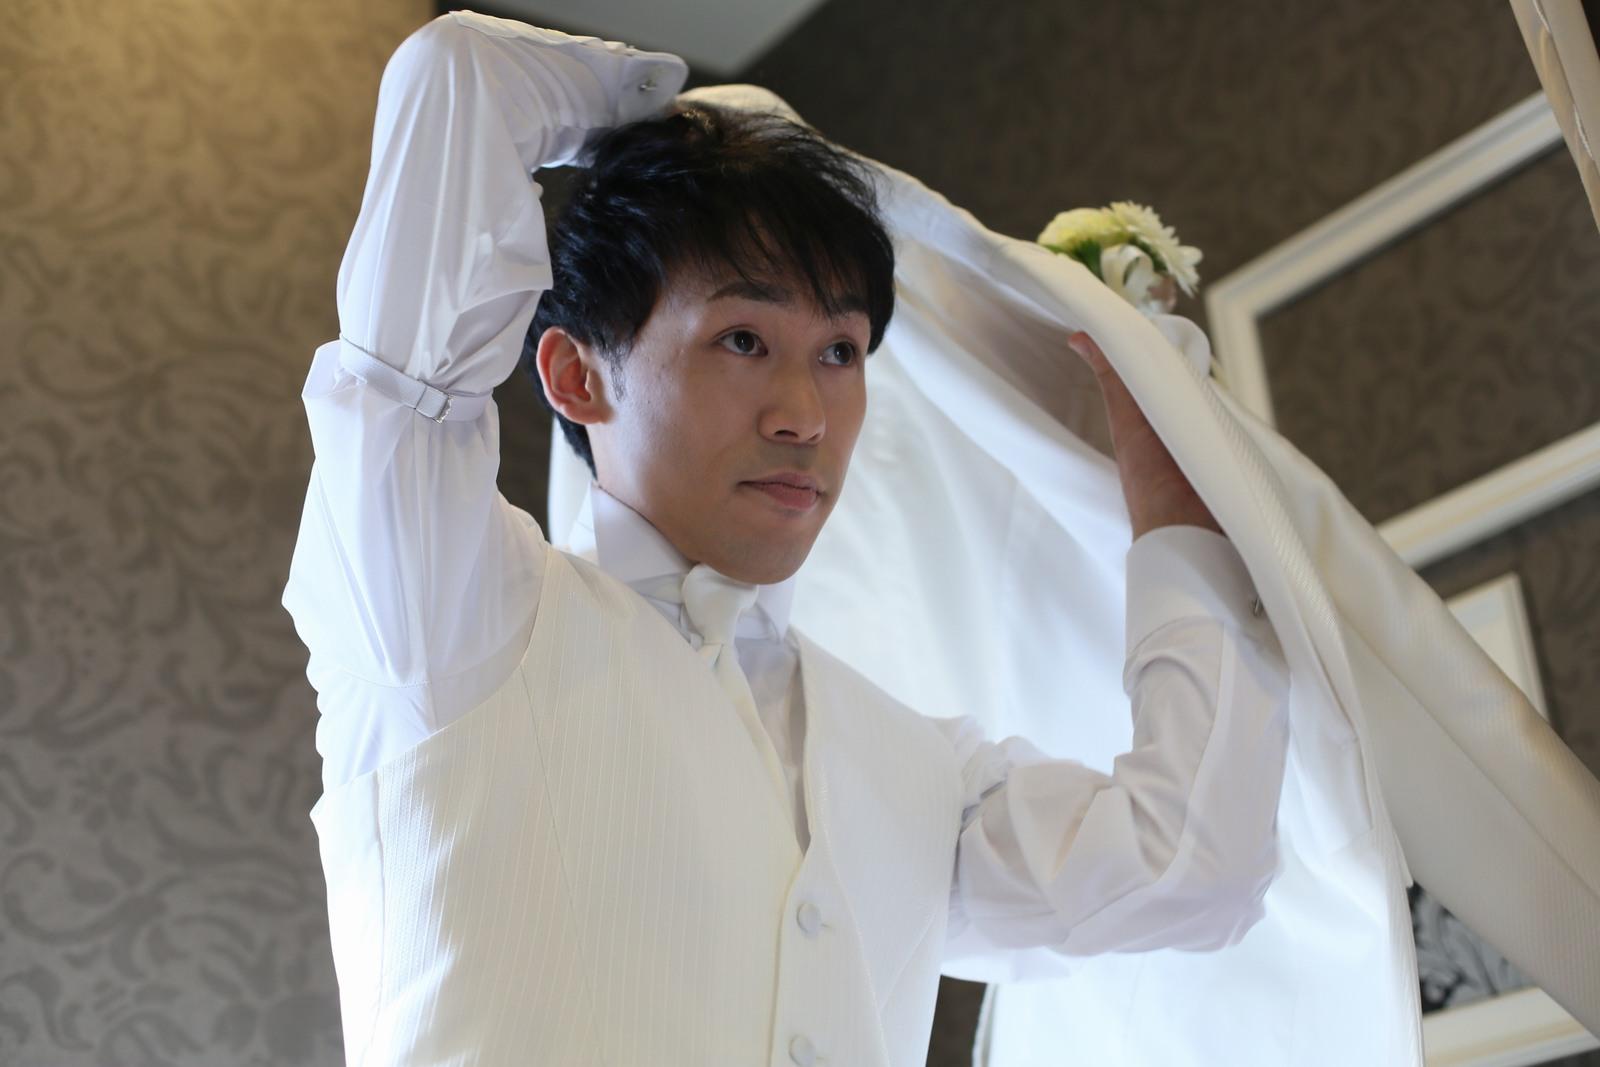 徳島市の結婚式場ブランアンジュで新郎様の挙式前の準備シーン